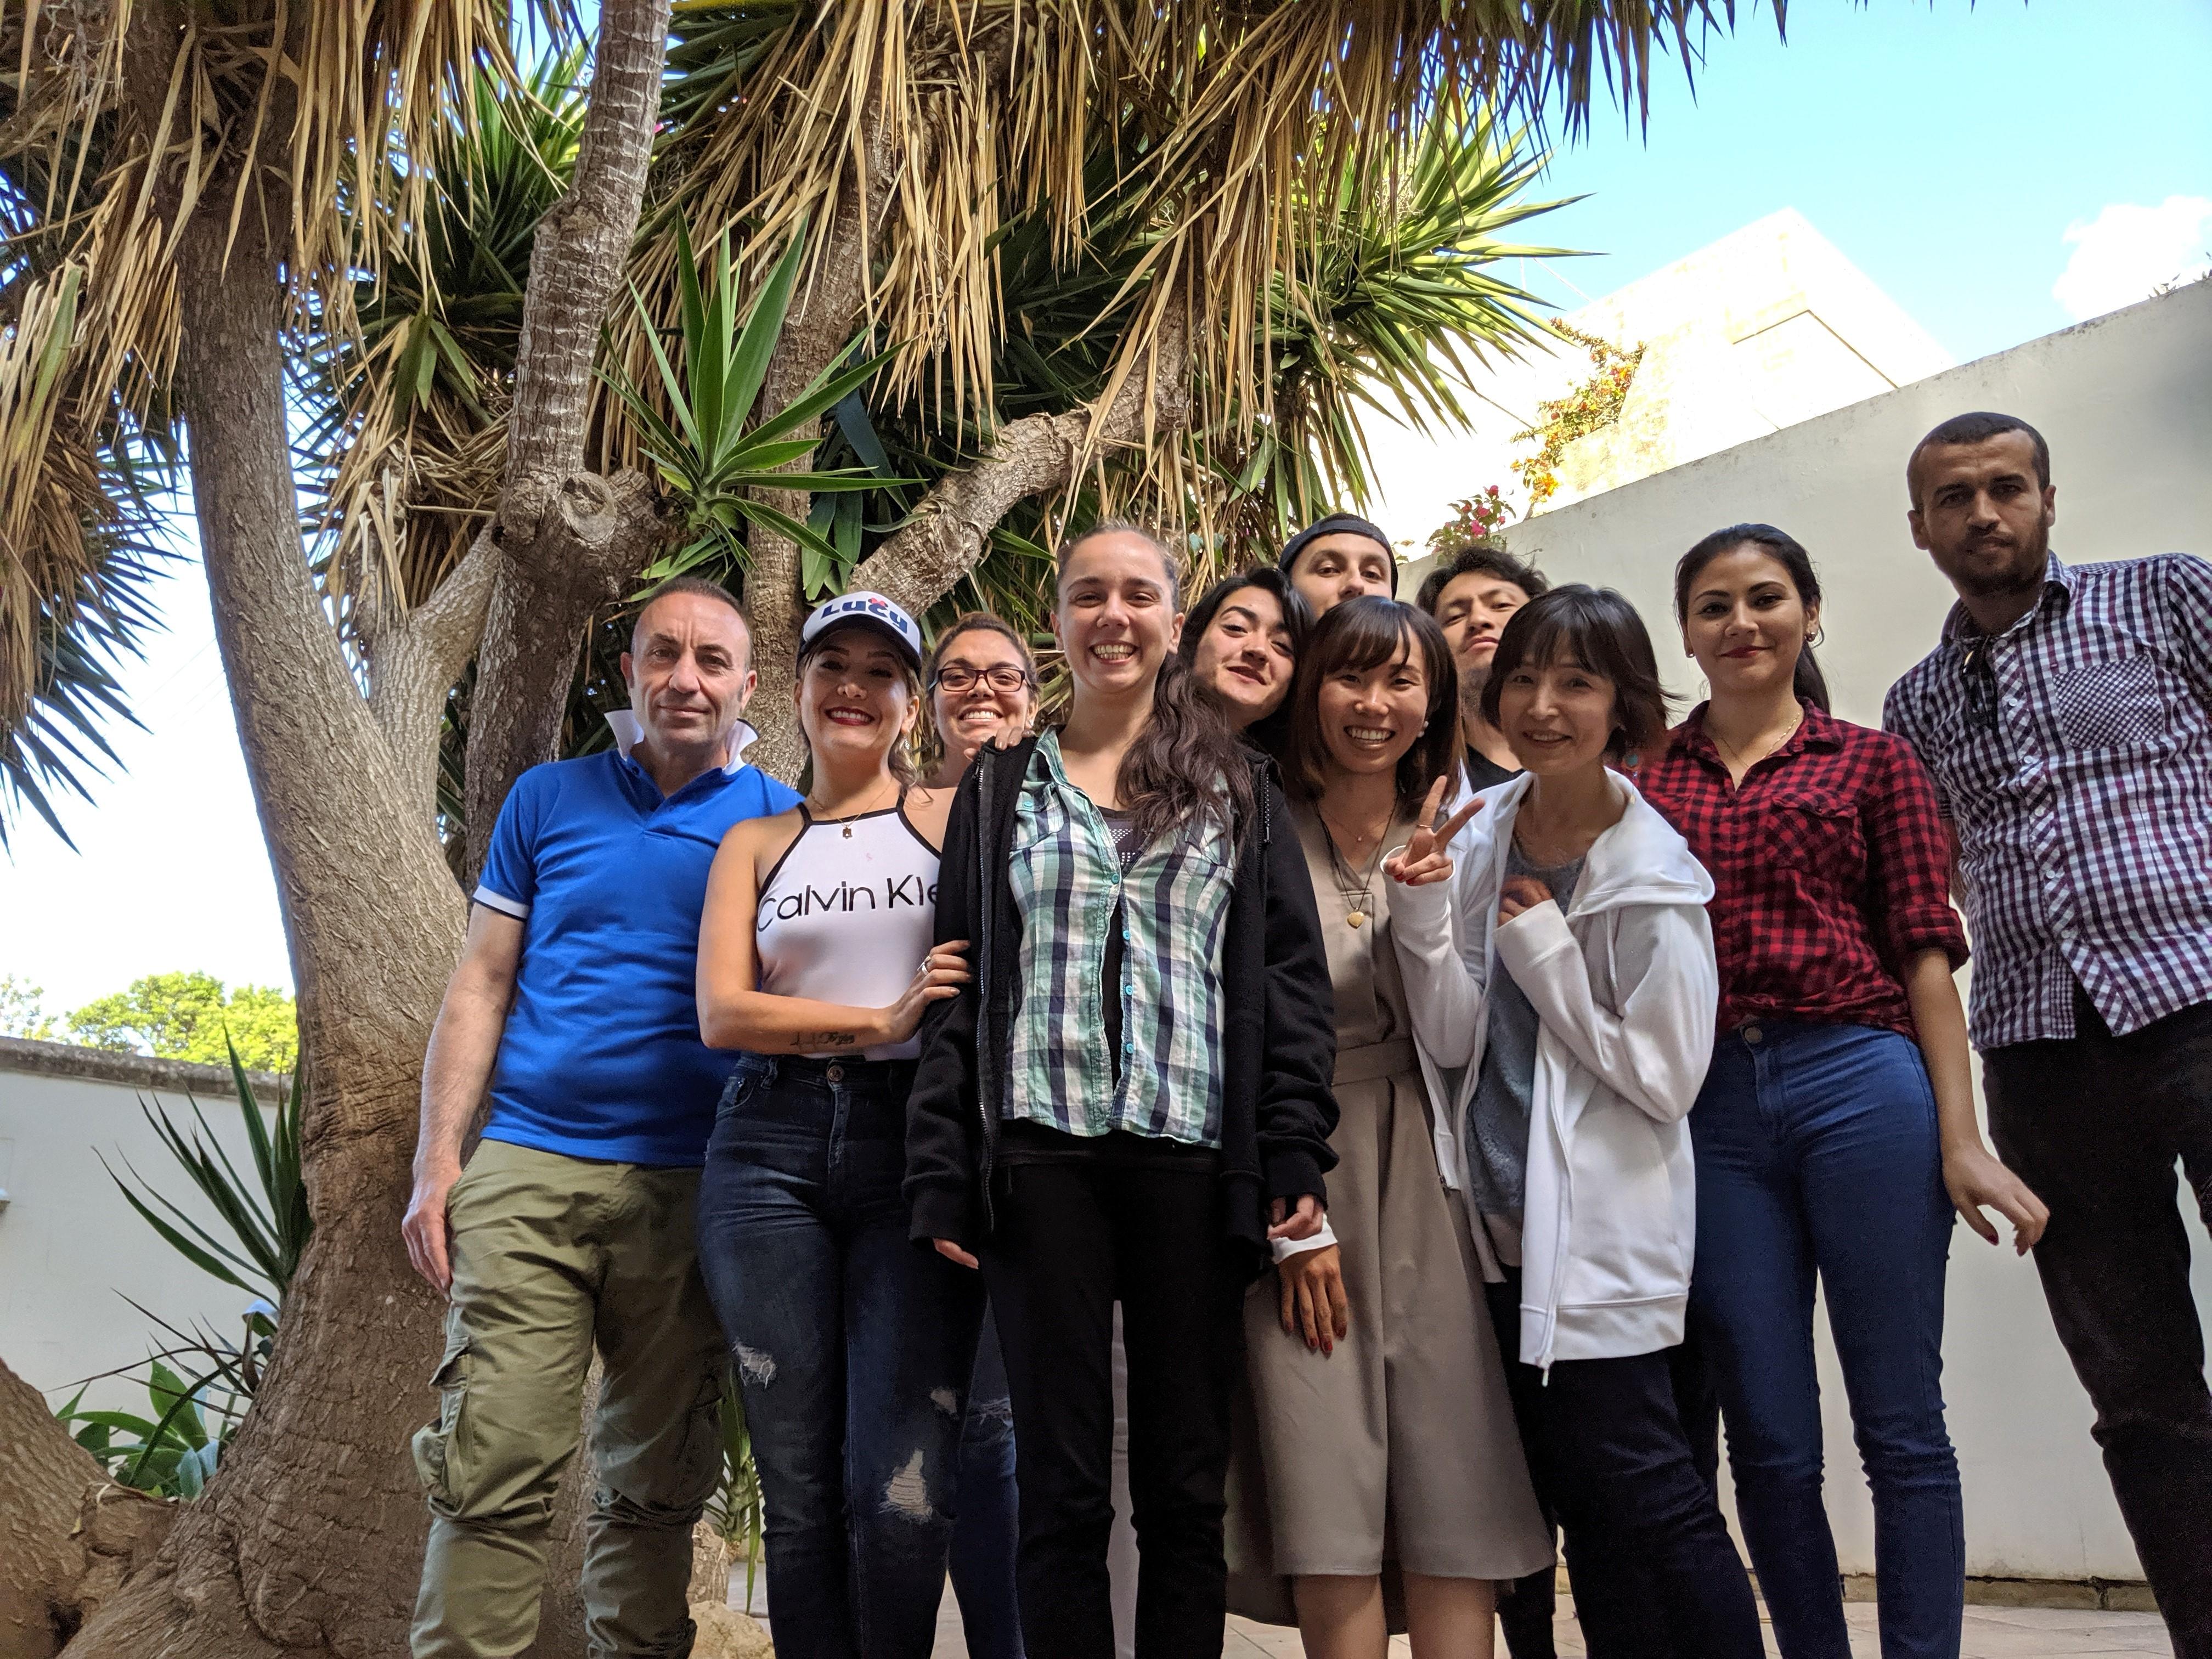 Kursy angielskiego szkołę języka angielskiego na Malcie